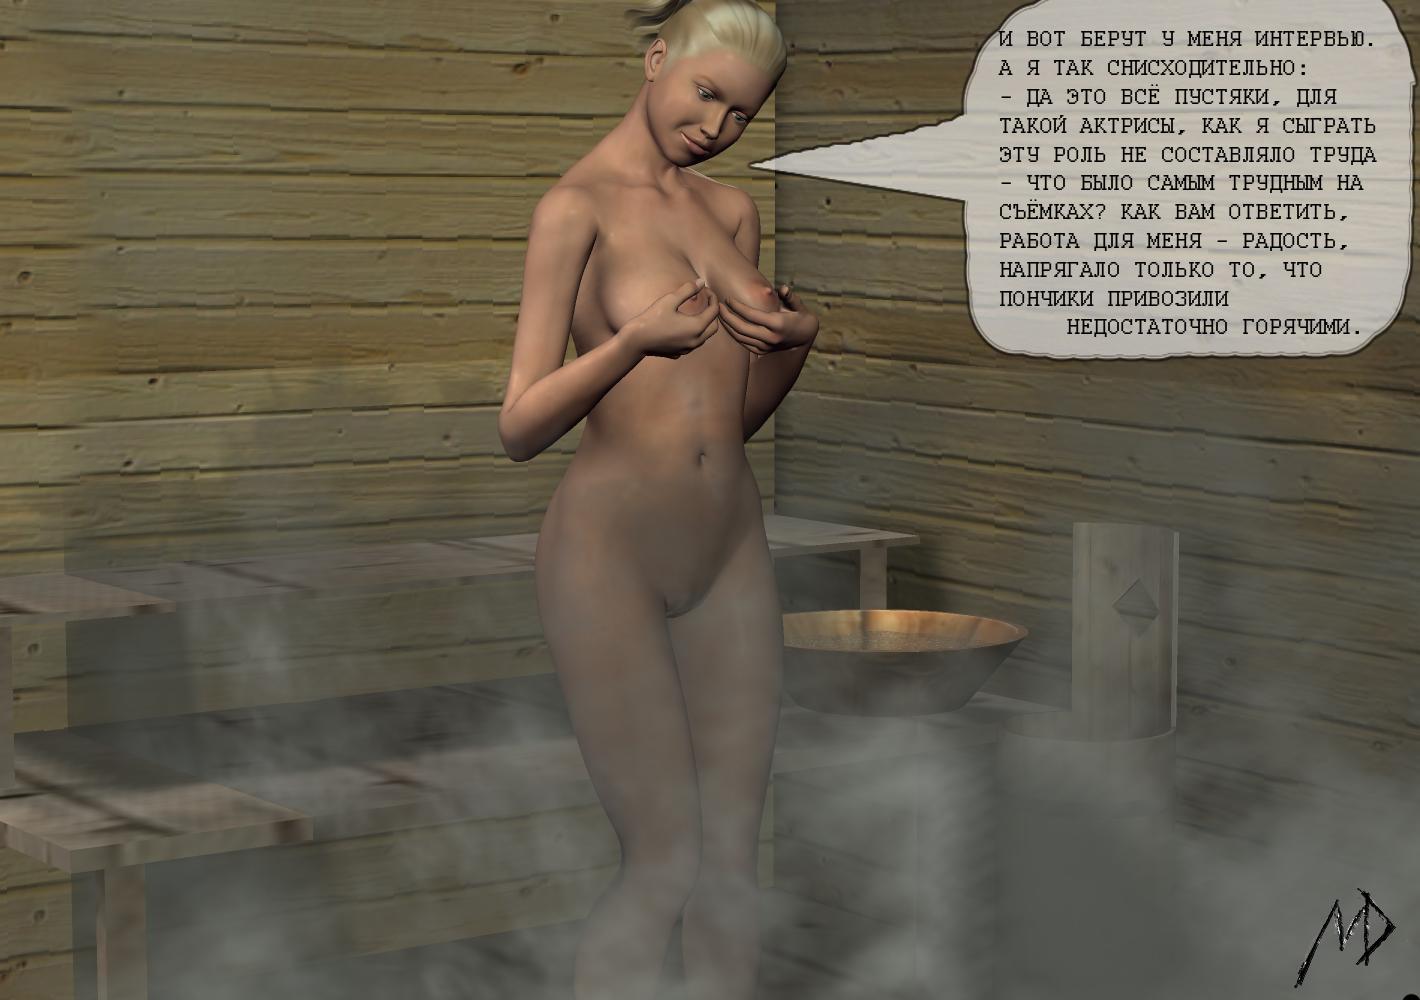 Эротика рассказы про баню/ blagpanorama.ru  Онлайн фильмы порно для ...